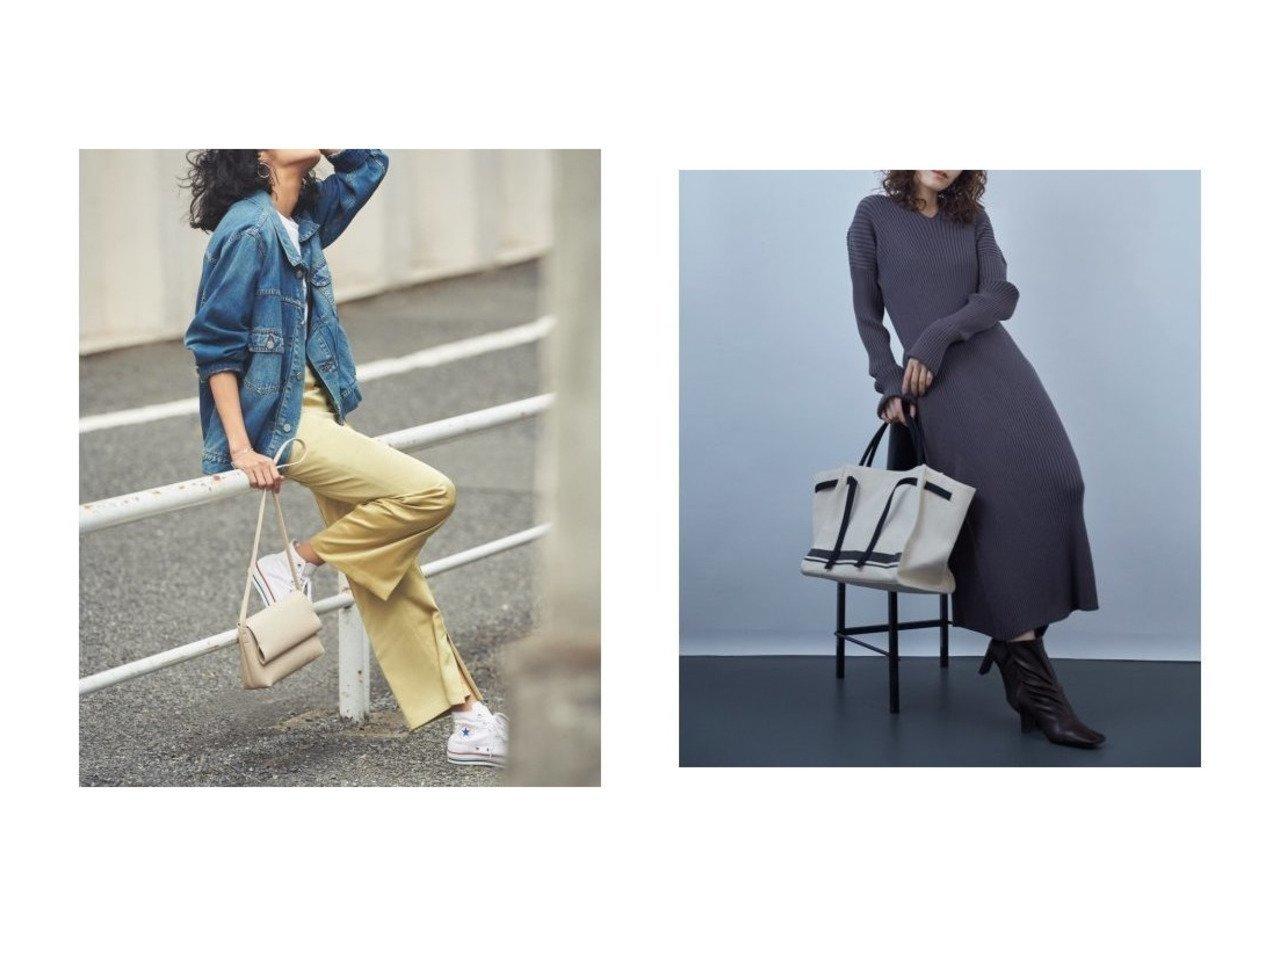 【Mila Owen/ミラオーウェン】のキャンバストートバッグ&フロントベンツサテンパンツ Mila Owenのおすすめ!人気、トレンド・レディースファッションの通販 おすすめで人気の流行・トレンド、ファッションの通販商品 メンズファッション・キッズファッション・インテリア・家具・レディースファッション・服の通販 founy(ファニー) https://founy.com/ ファッション Fashion レディースファッション WOMEN パンツ Pants バッグ Bag サテン スマート フロント リボン 再入荷 Restock/Back in Stock/Re Arrival |ID:crp329100000019927